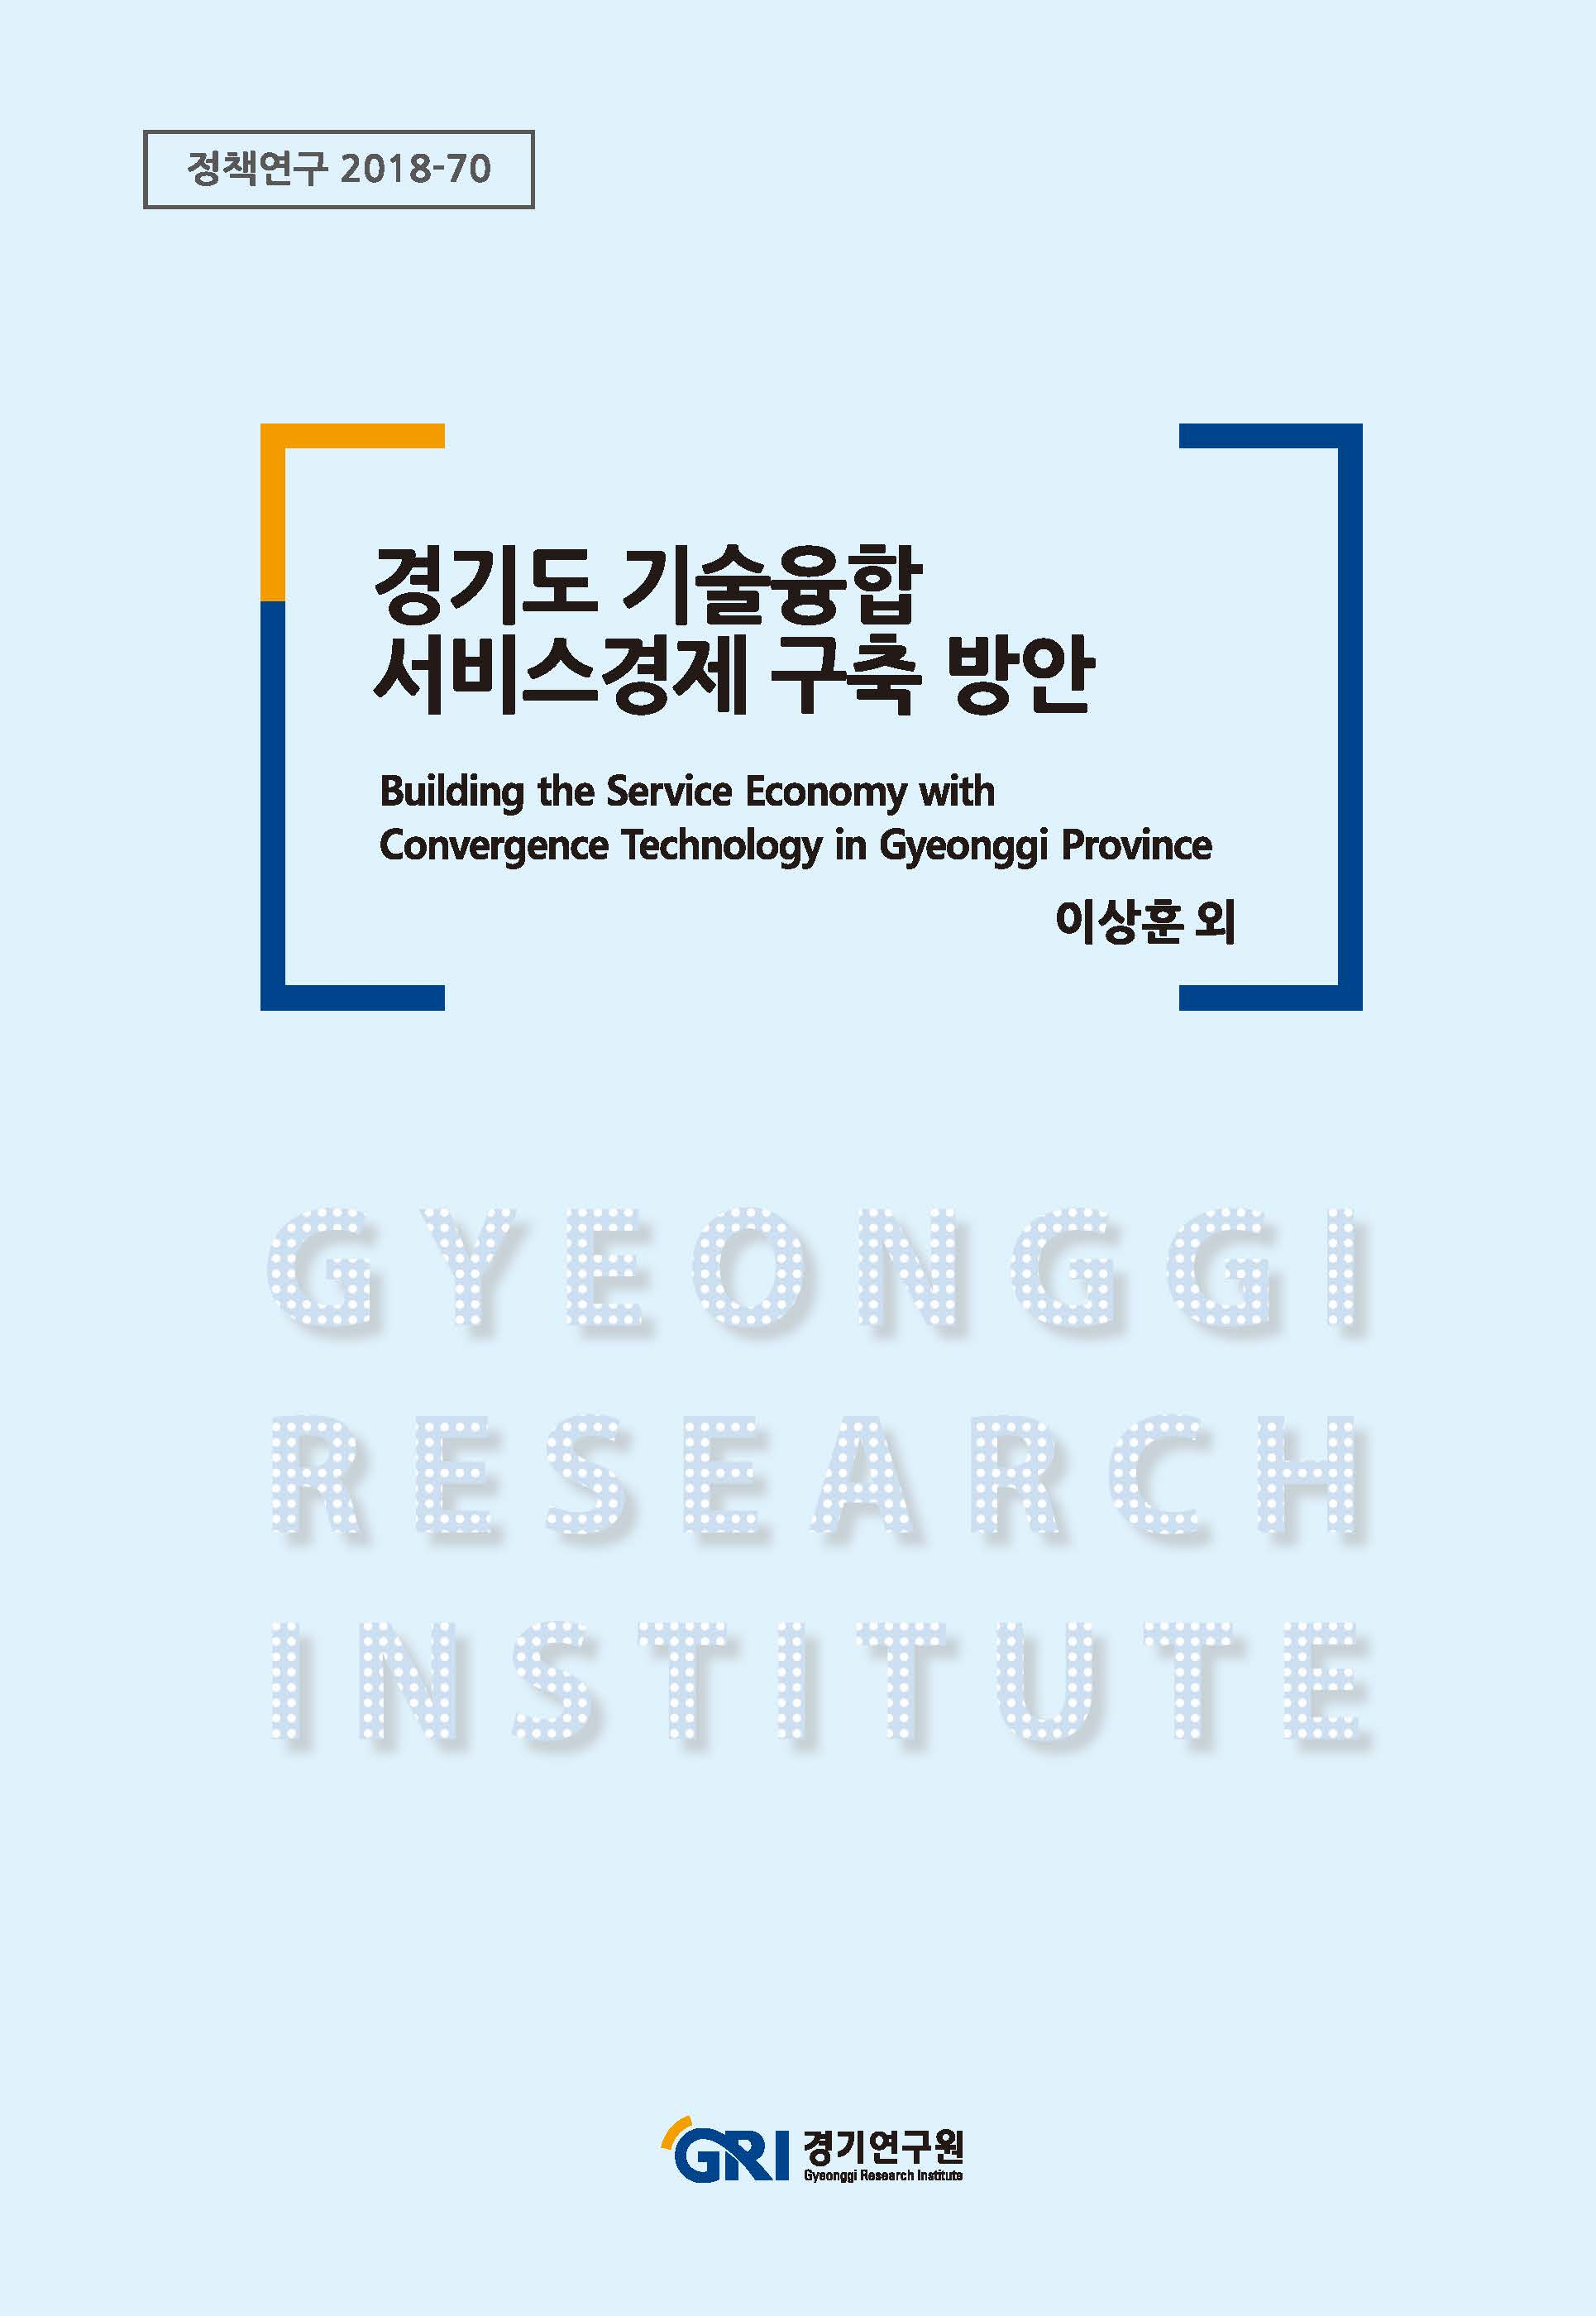 경기도 기술융합 서비스경제 구축 방안